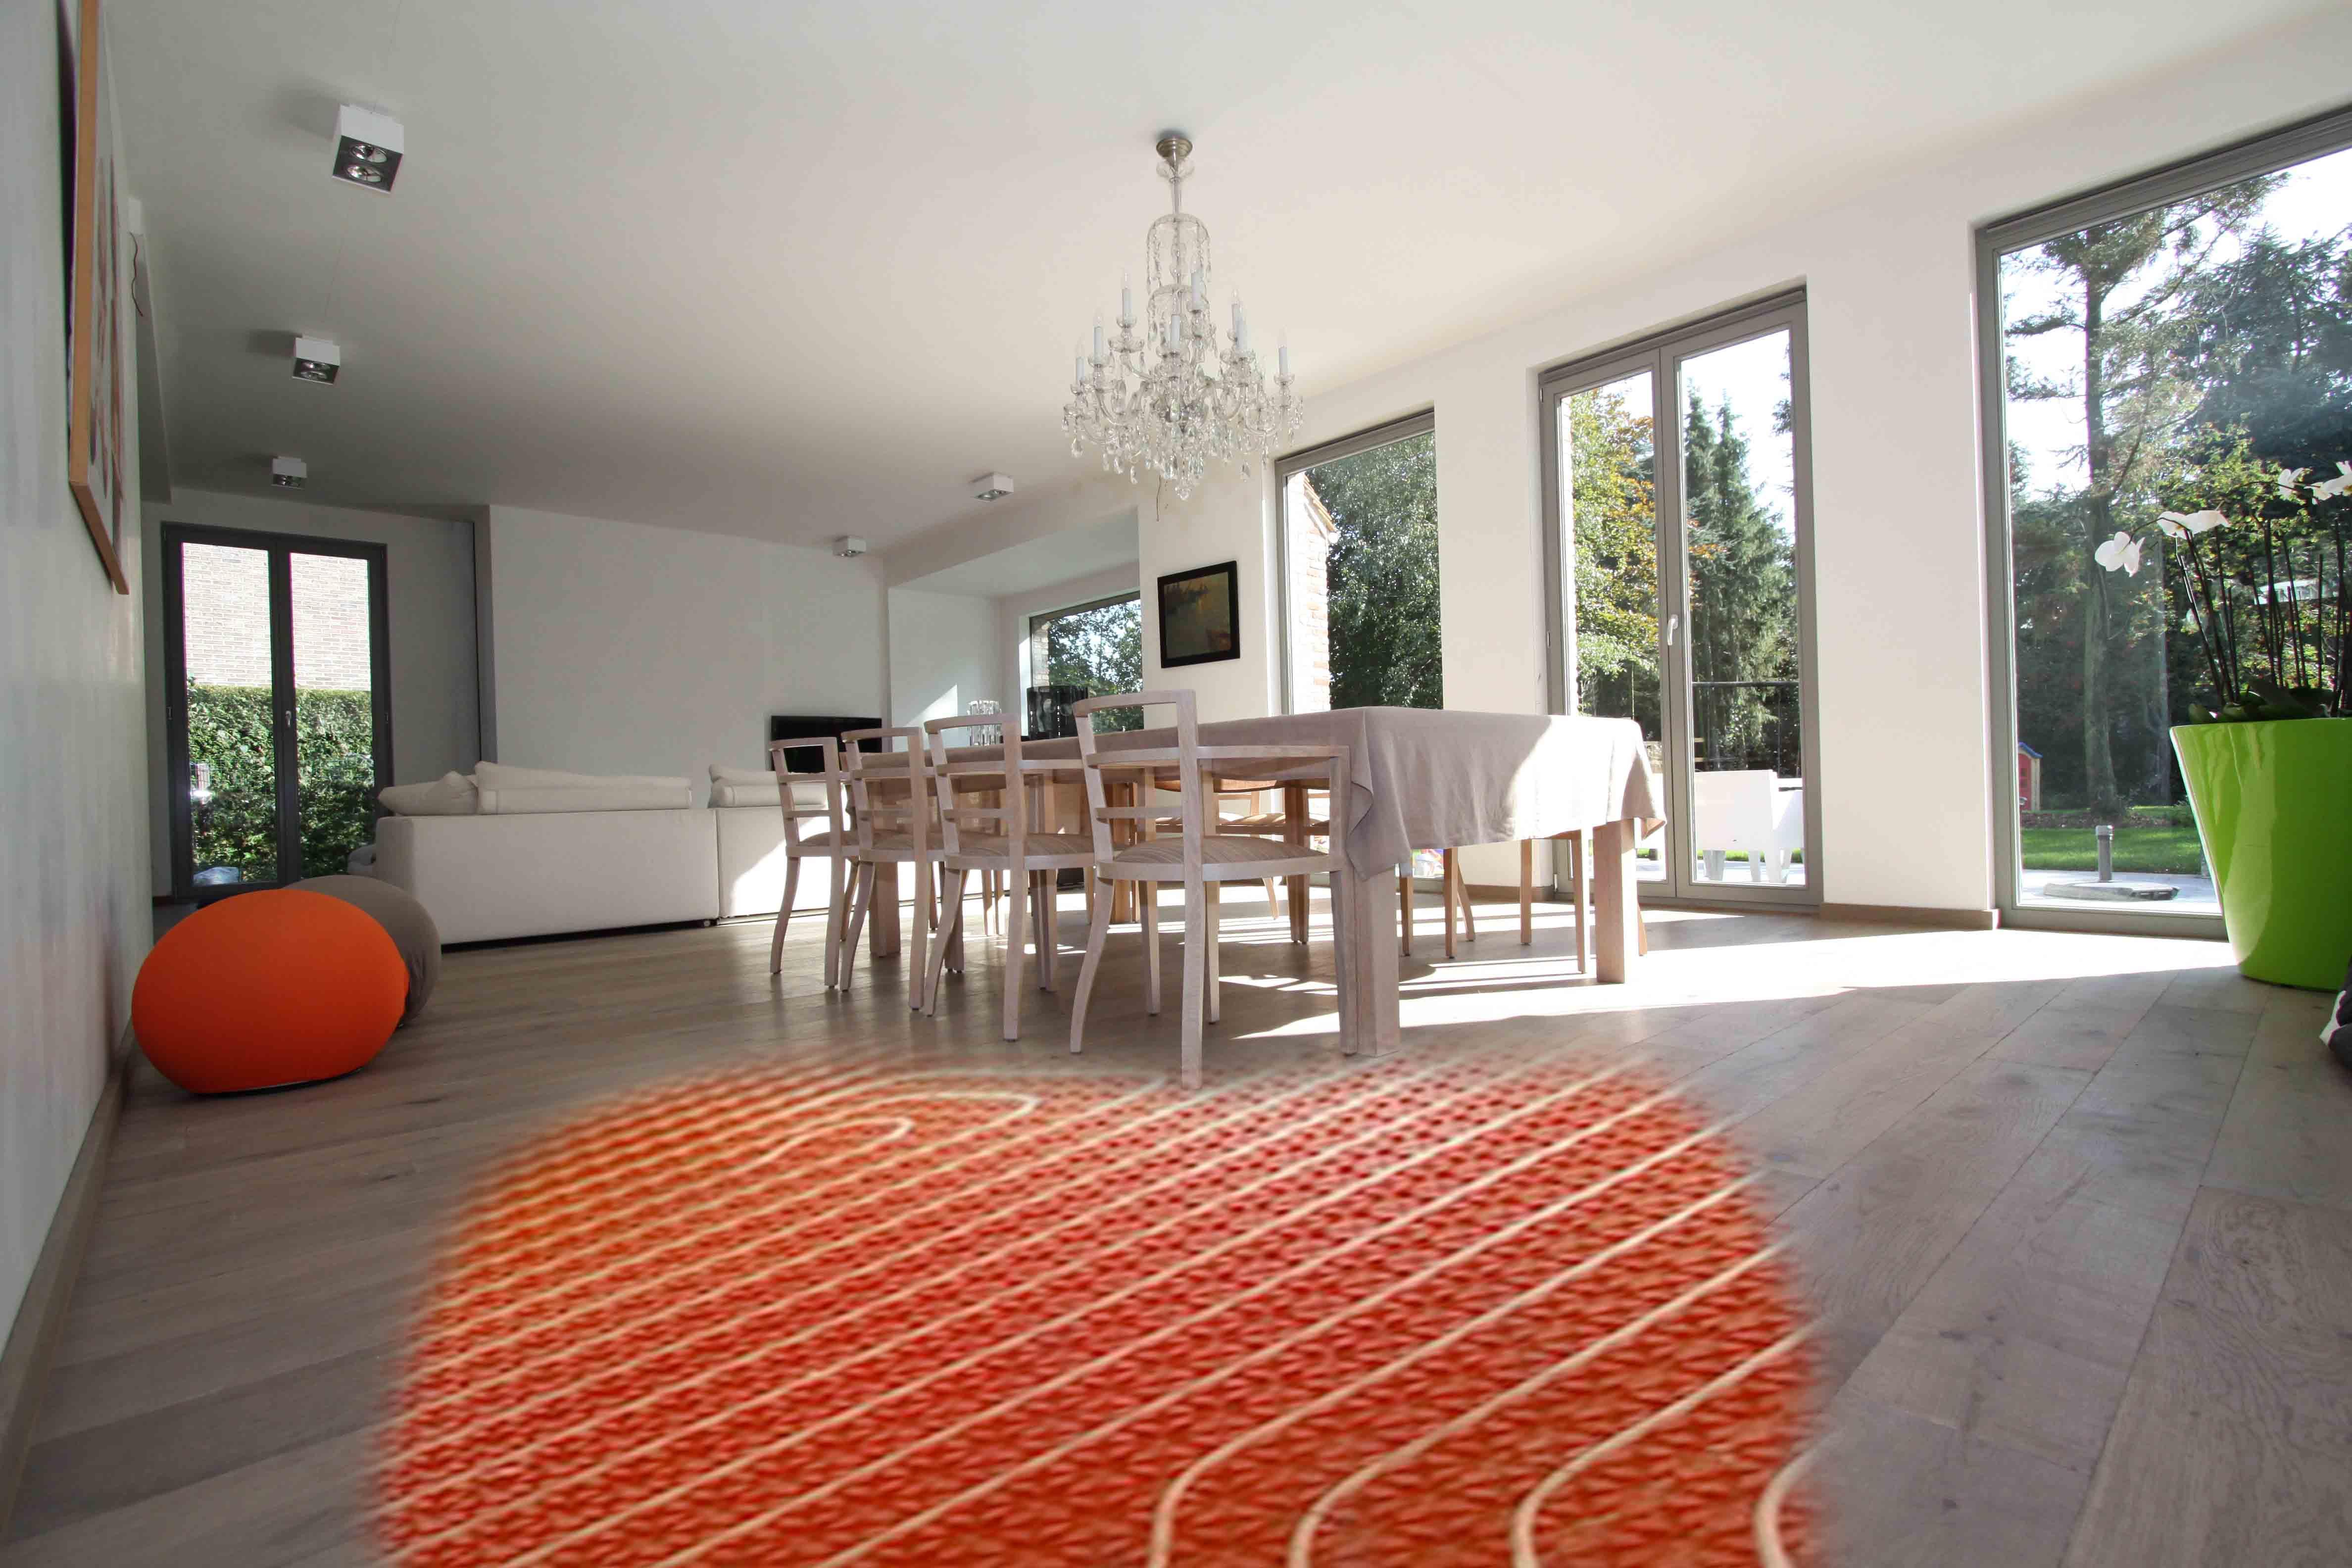 opbouw-chape-voor-parket-op-vloerverwarming